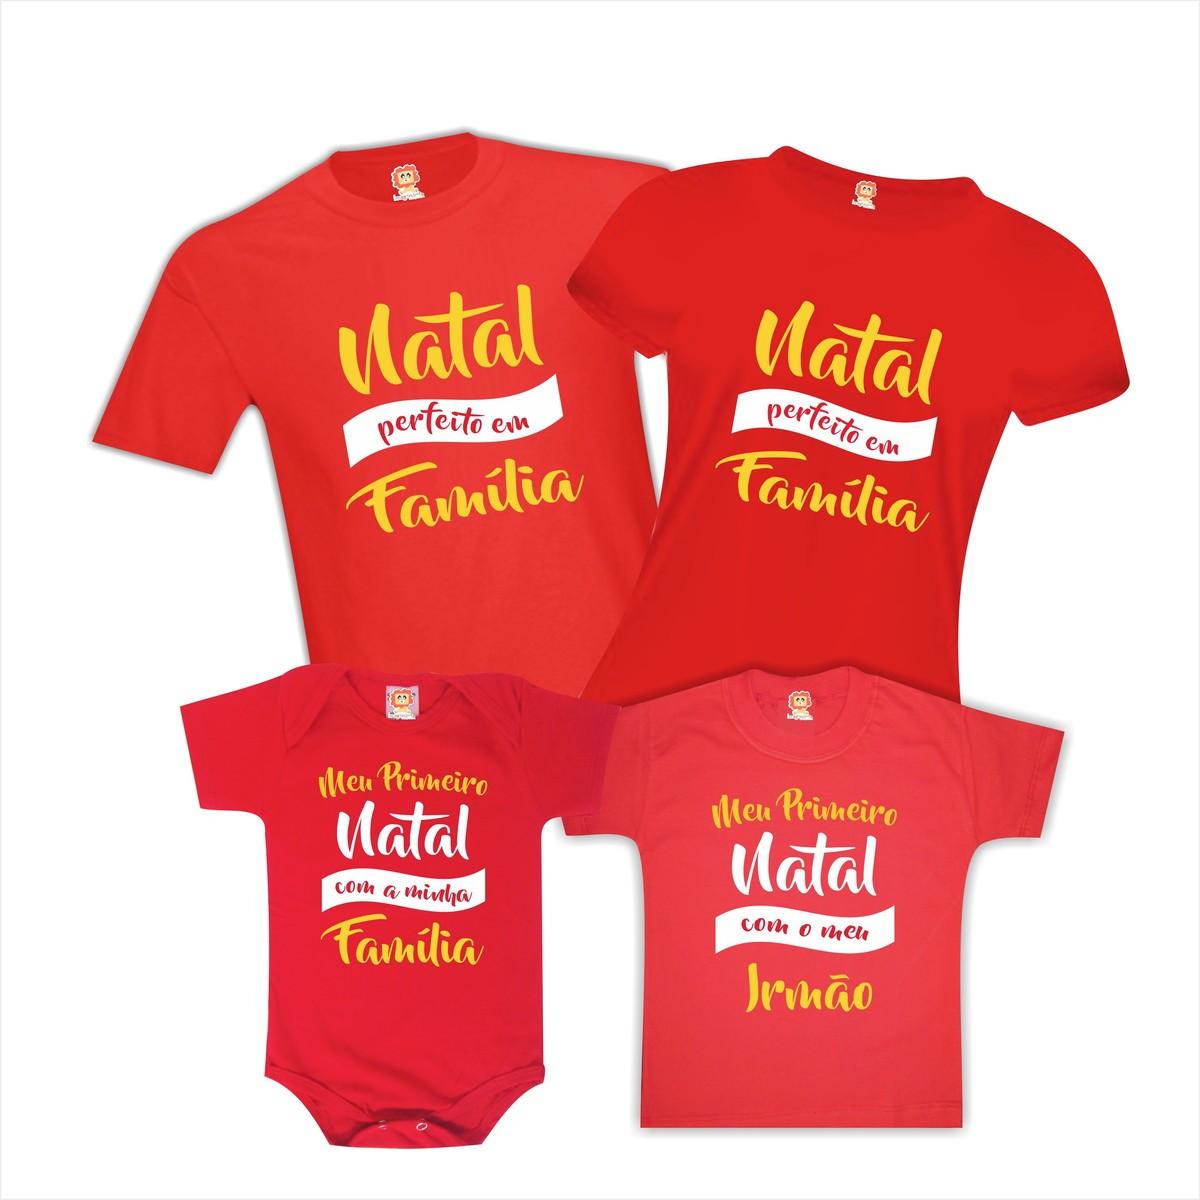 Kit Camisetas Natal Perfeito em Familia